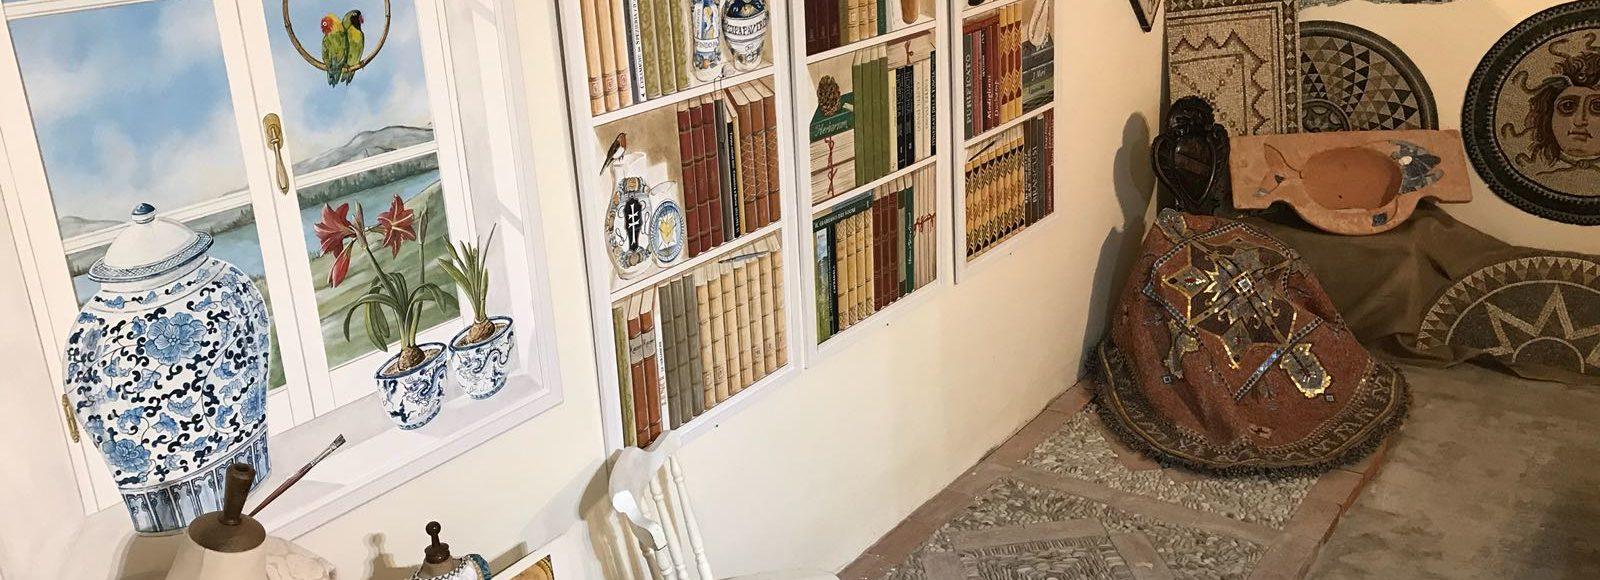 Narni mostra artigiani in centro